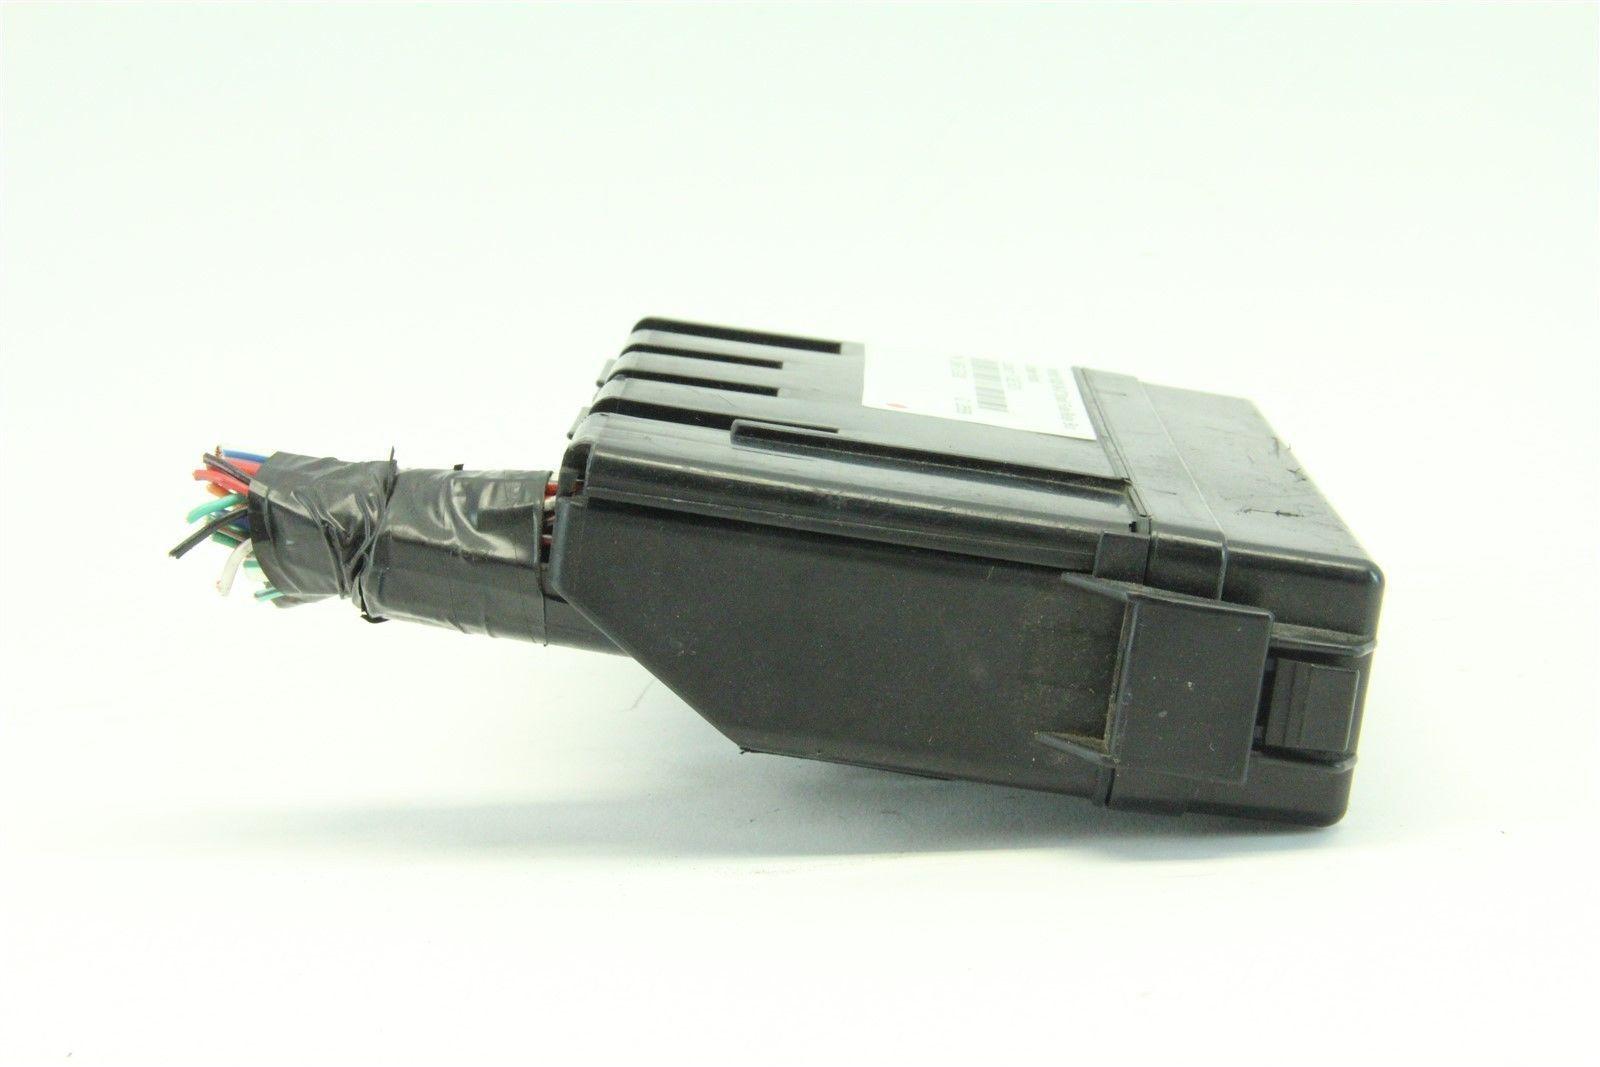 06 infiniti m35 fuse box infiniti m35 fuse box diagram infiniti m35 06-07 small fuse relay box under hood 284b7 ...